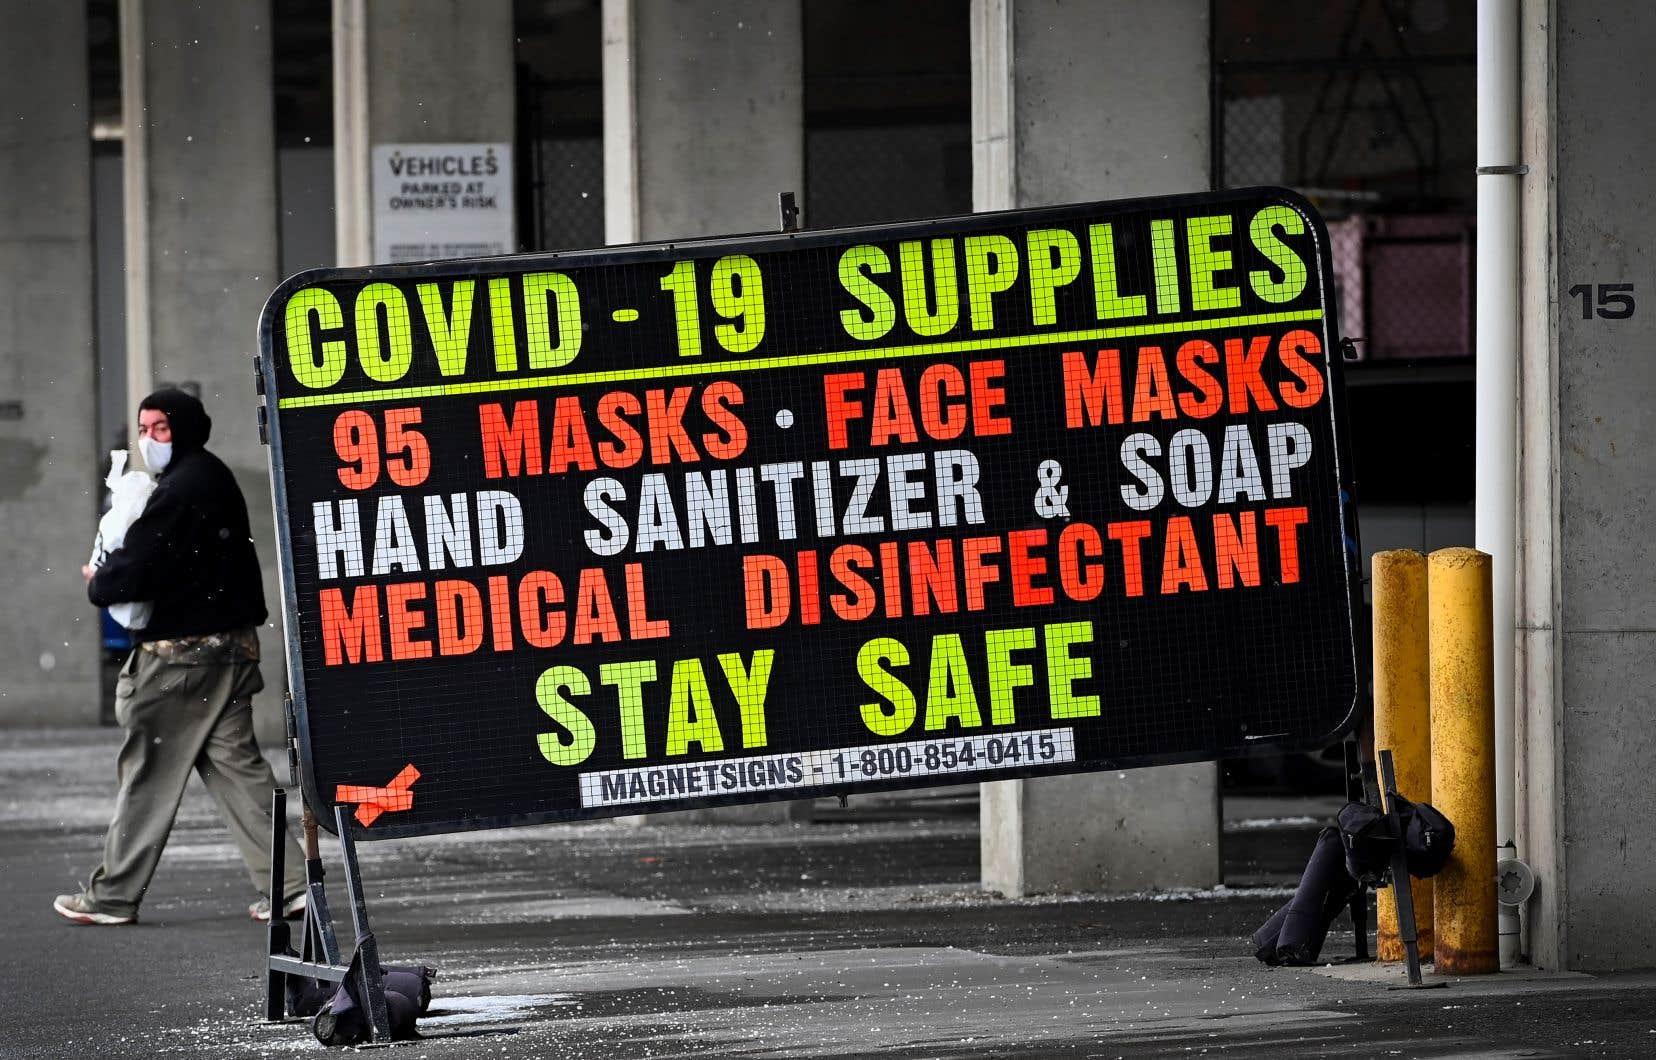 L'Ontario a rapporté dimanche 1490 nouveaux cas de COVID-19 et 22 décès liés à la maladie.